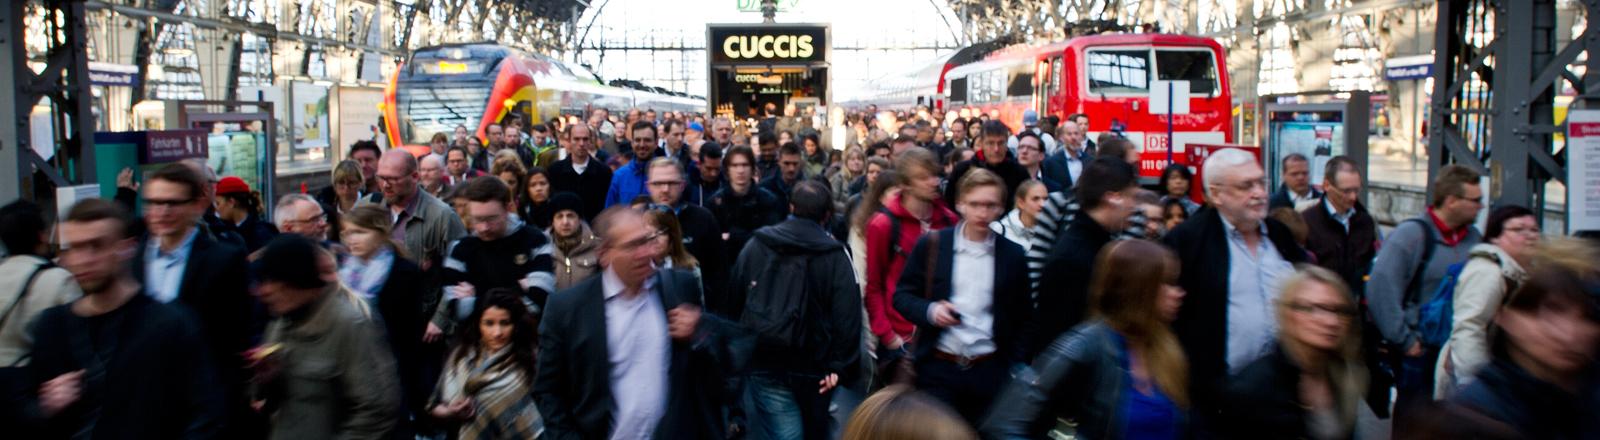 Voller Bahnsteig am 23.04.2015 im Hauptbahnhof in Frankfurt am Main (Hessen)